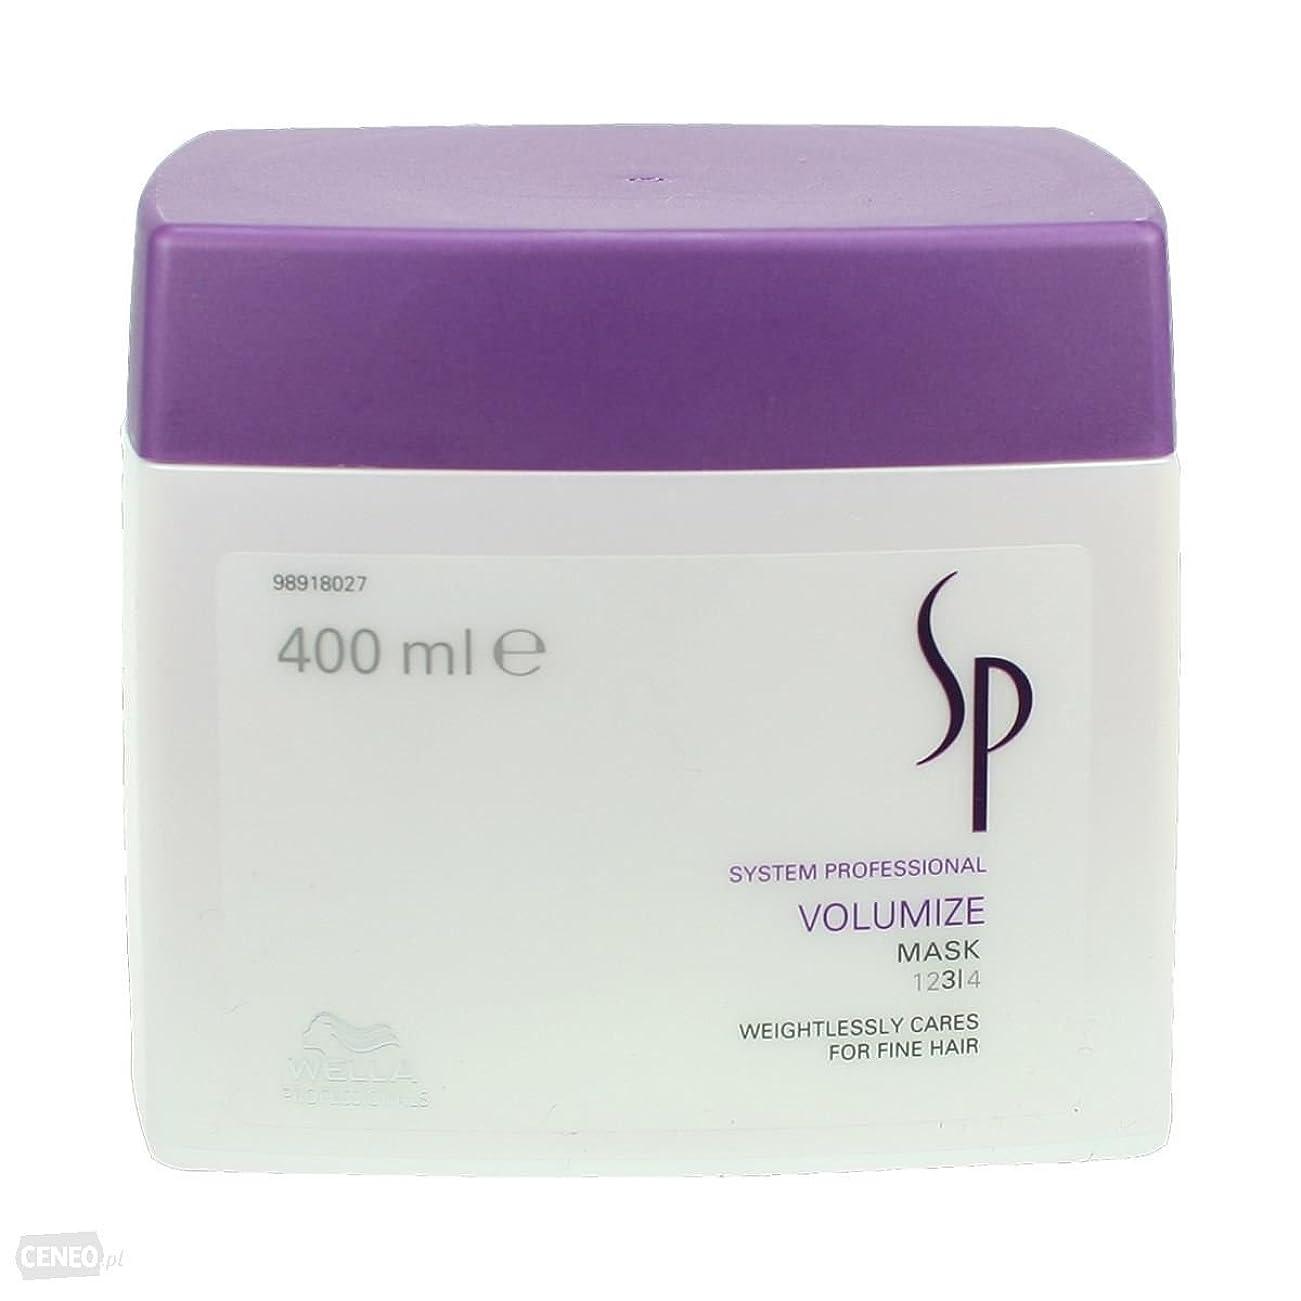 骨公然とパークWella SP Volumize Mask ( For Fine Hair ) - 400ml/13.33oz by Wella [並行輸入品]